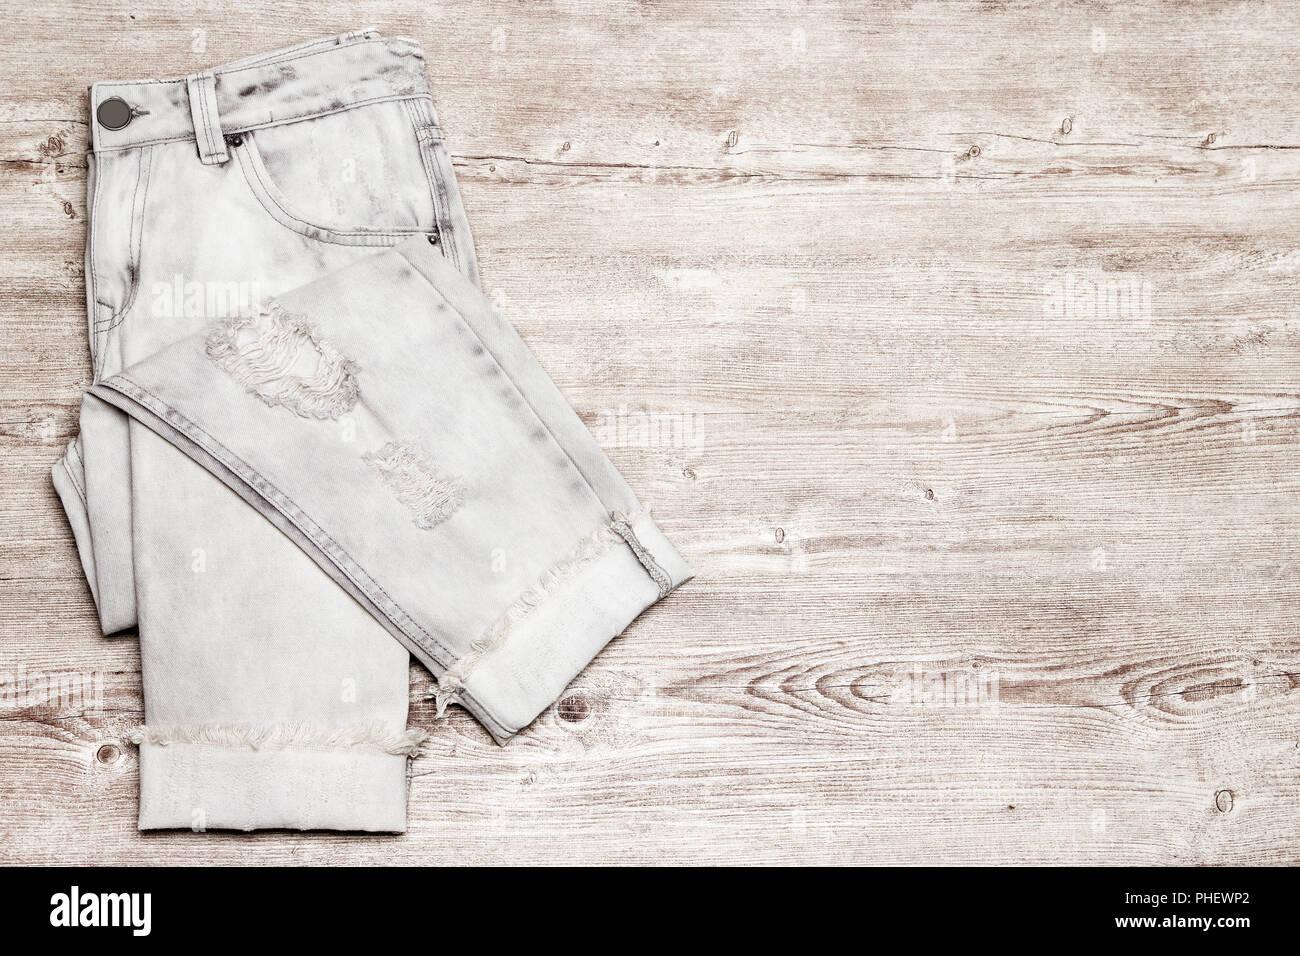 56602ee6d2 Rip pantalones vaqueros rasgados sobre superficie de madera desvencijado